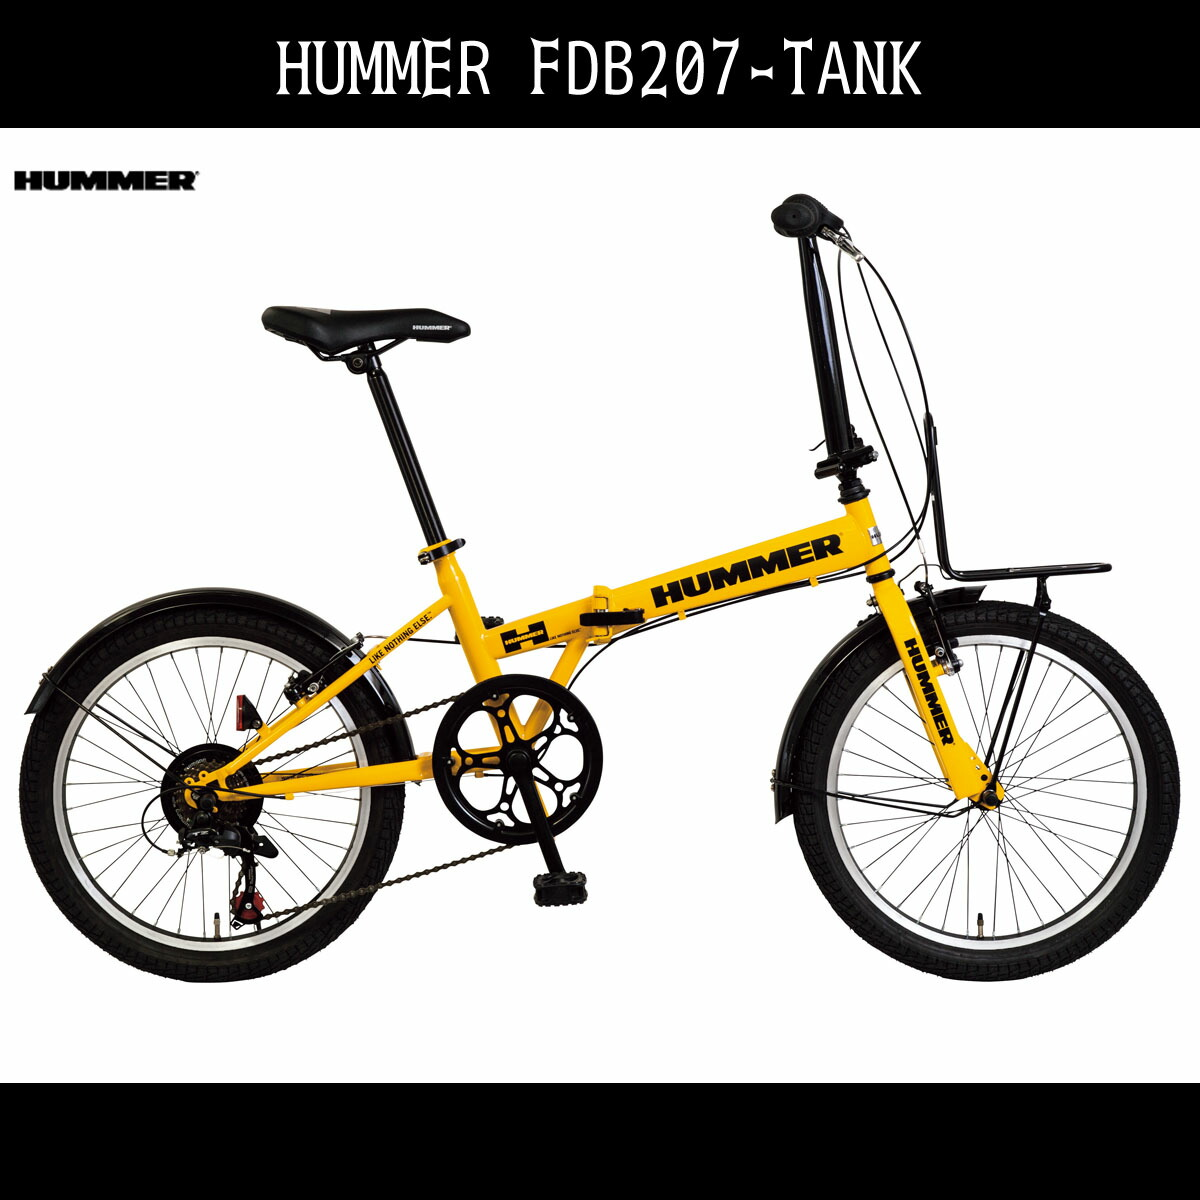 折りたたみ自転車 ハマー HUMMER 自転車 イエロー/黄色20インチ 折りたたみ自転車 外装7段変速ギア ハマー 折りたたみ自転車 FDB207 TANK 激安 変速付き